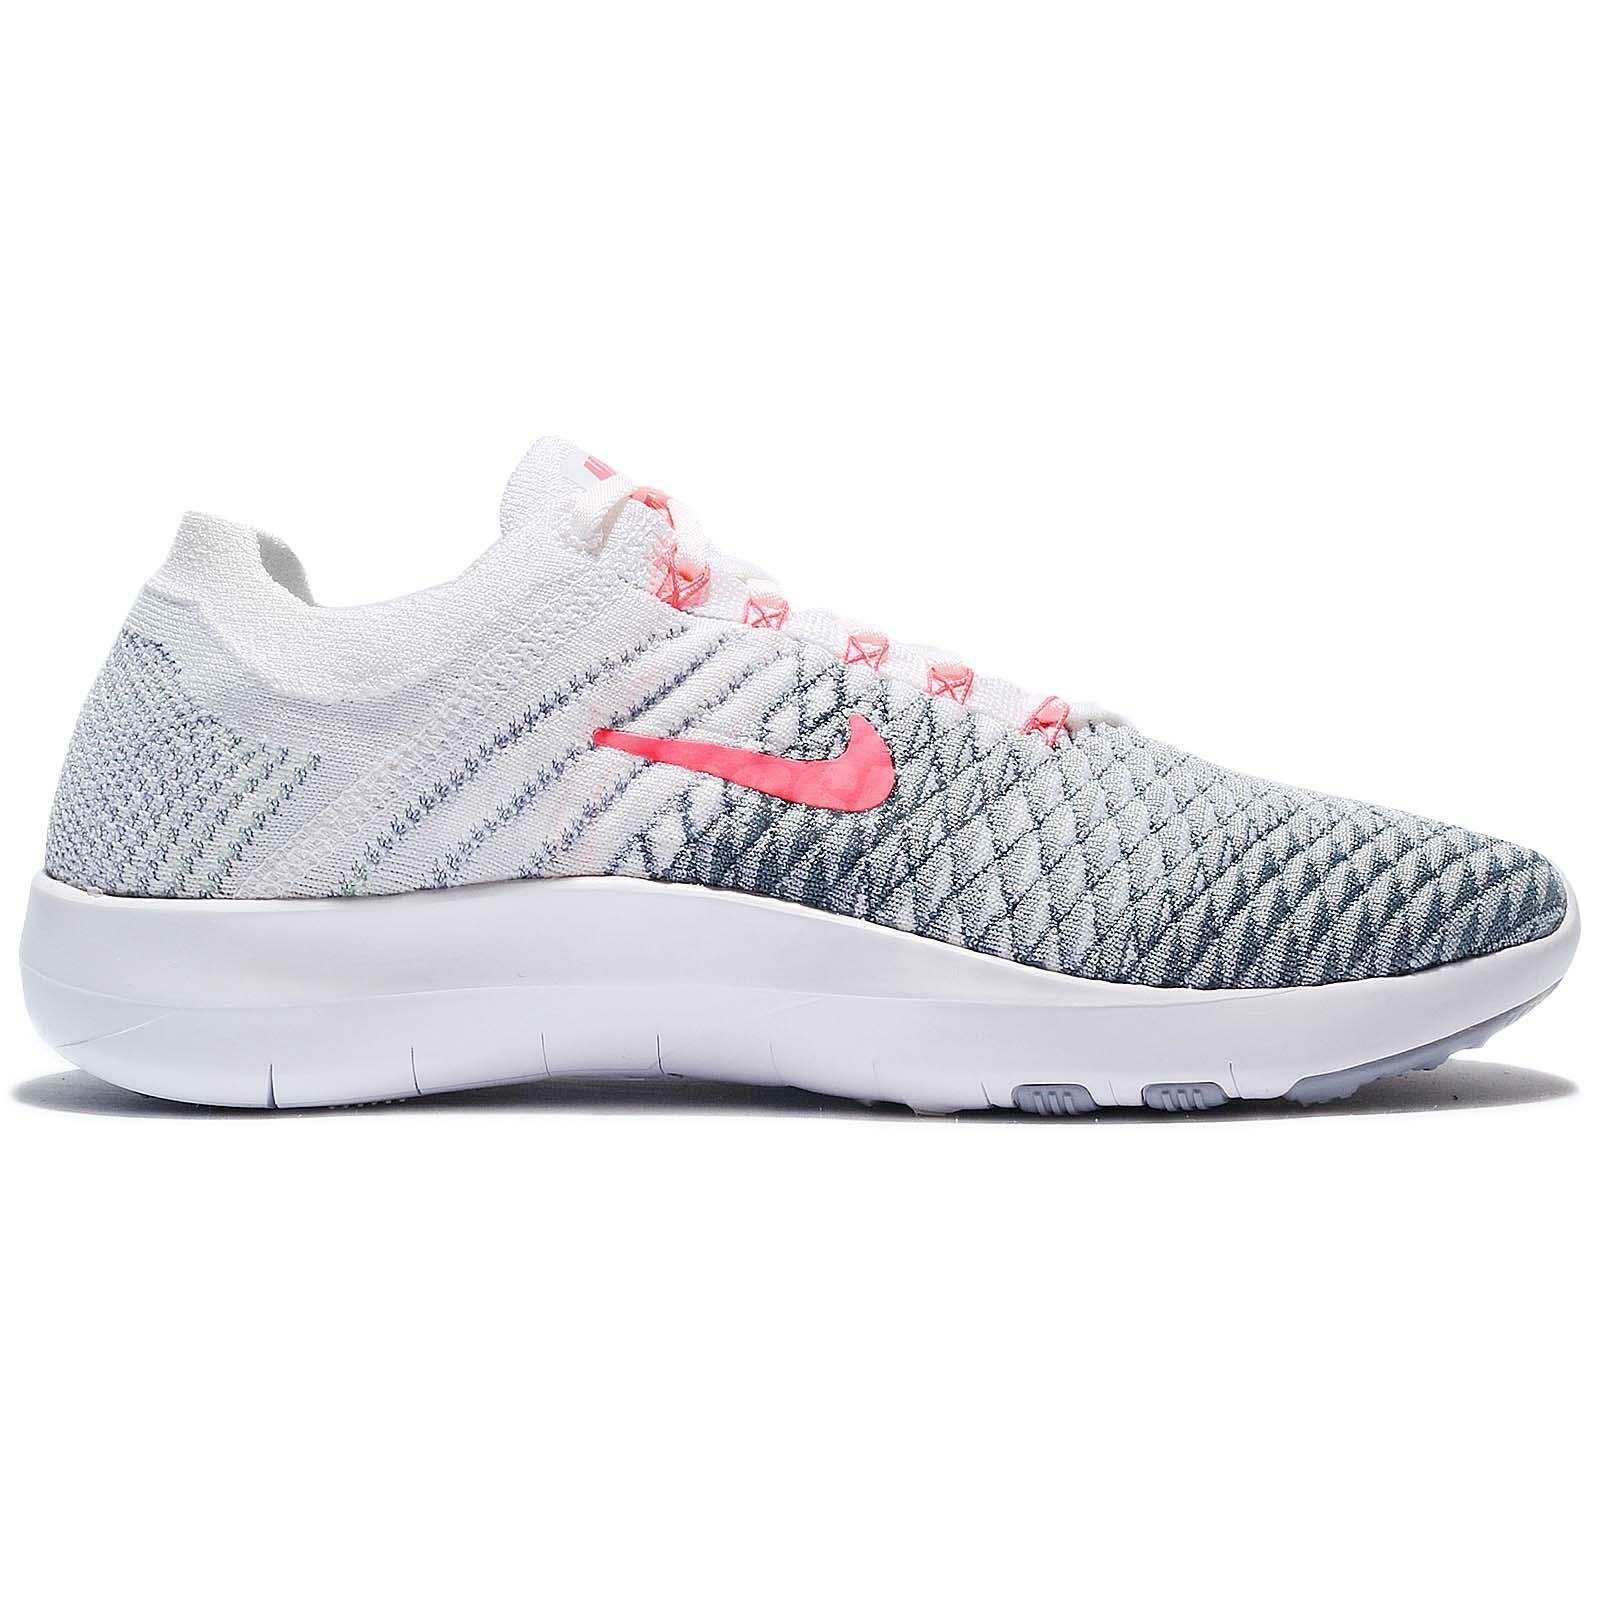 be2a88652dbd3 WMNS Nike TR Flyknit 2 II White HYPER Punch Grey Women Training ...